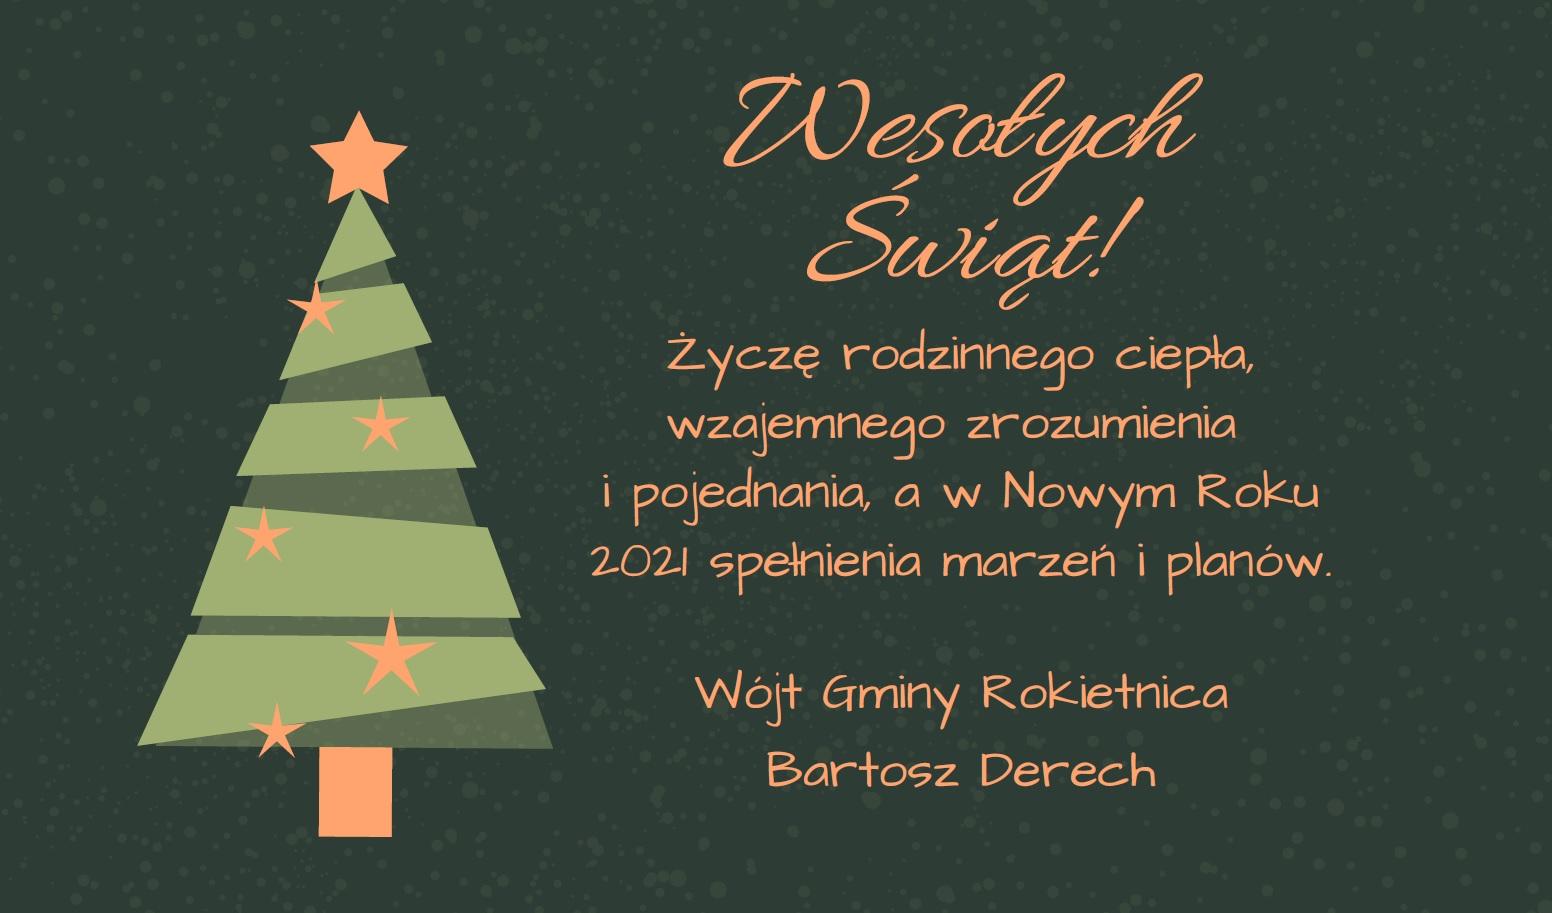 Na grafice na ciemnozielonym tle grafika świątecznej choinki i życzenia: Wesołych Świąt! Życzę rodzinnego ciepła, wzajemnego zrozumienia i pojednania, a w Nowym Roku 2021 spełnienia marzeń i planów. Wójt Gminy Rokietnica Bartosz Derech